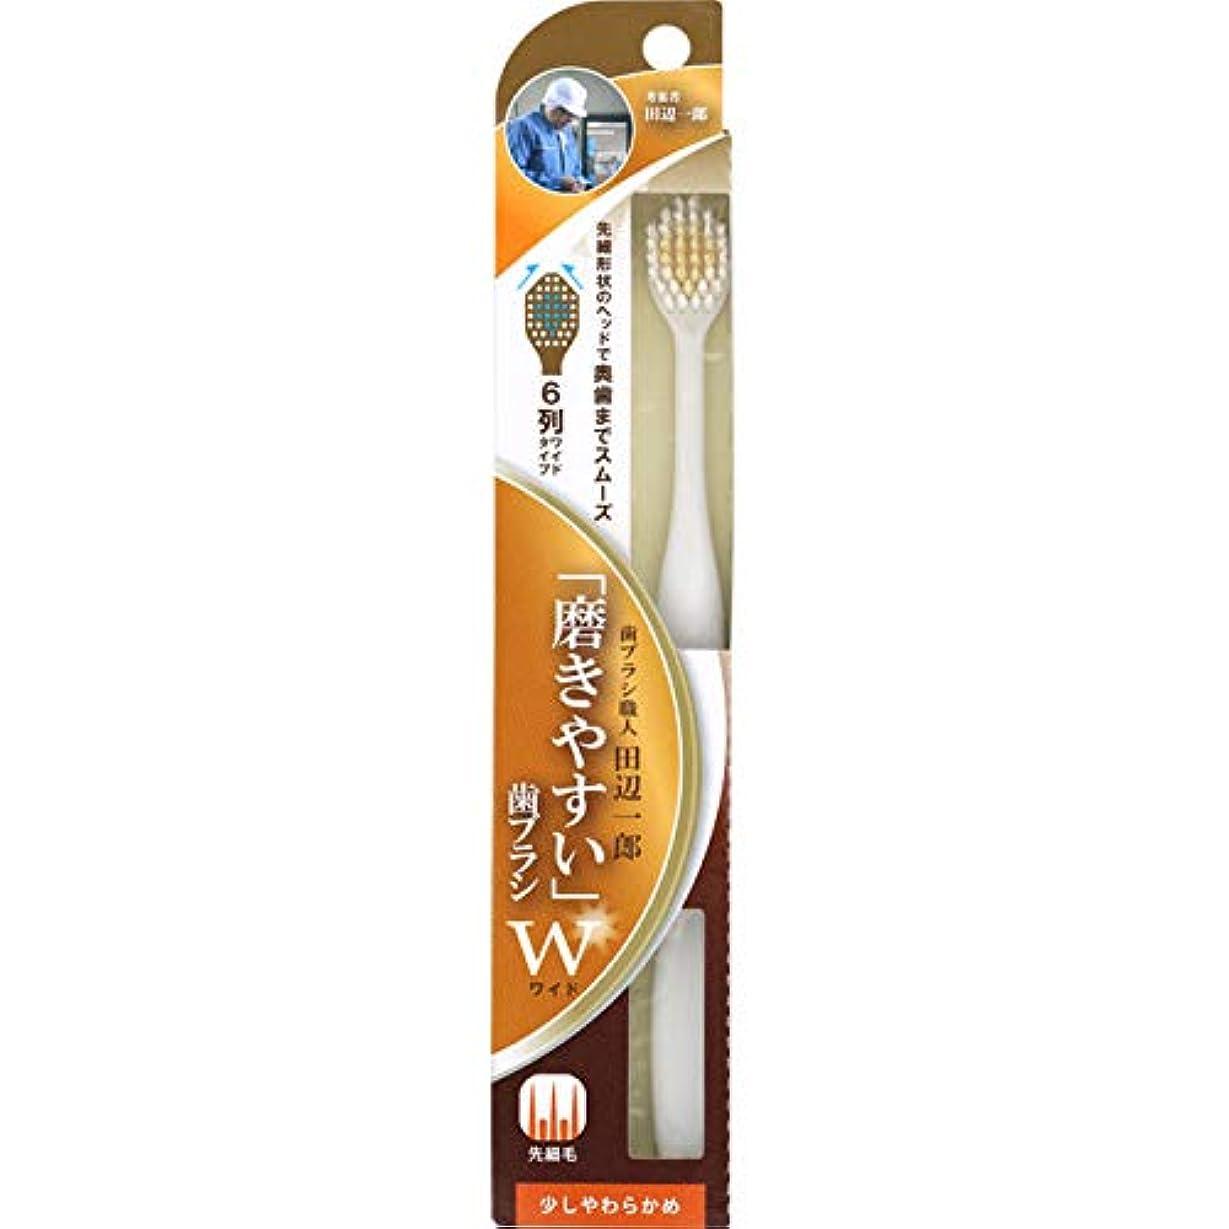 語の間にエゴマニアライフレンジ LT-46 磨きやすい歯ブラシ ワイド 少しやわらかめ 1本入 ※カラーは選べません。